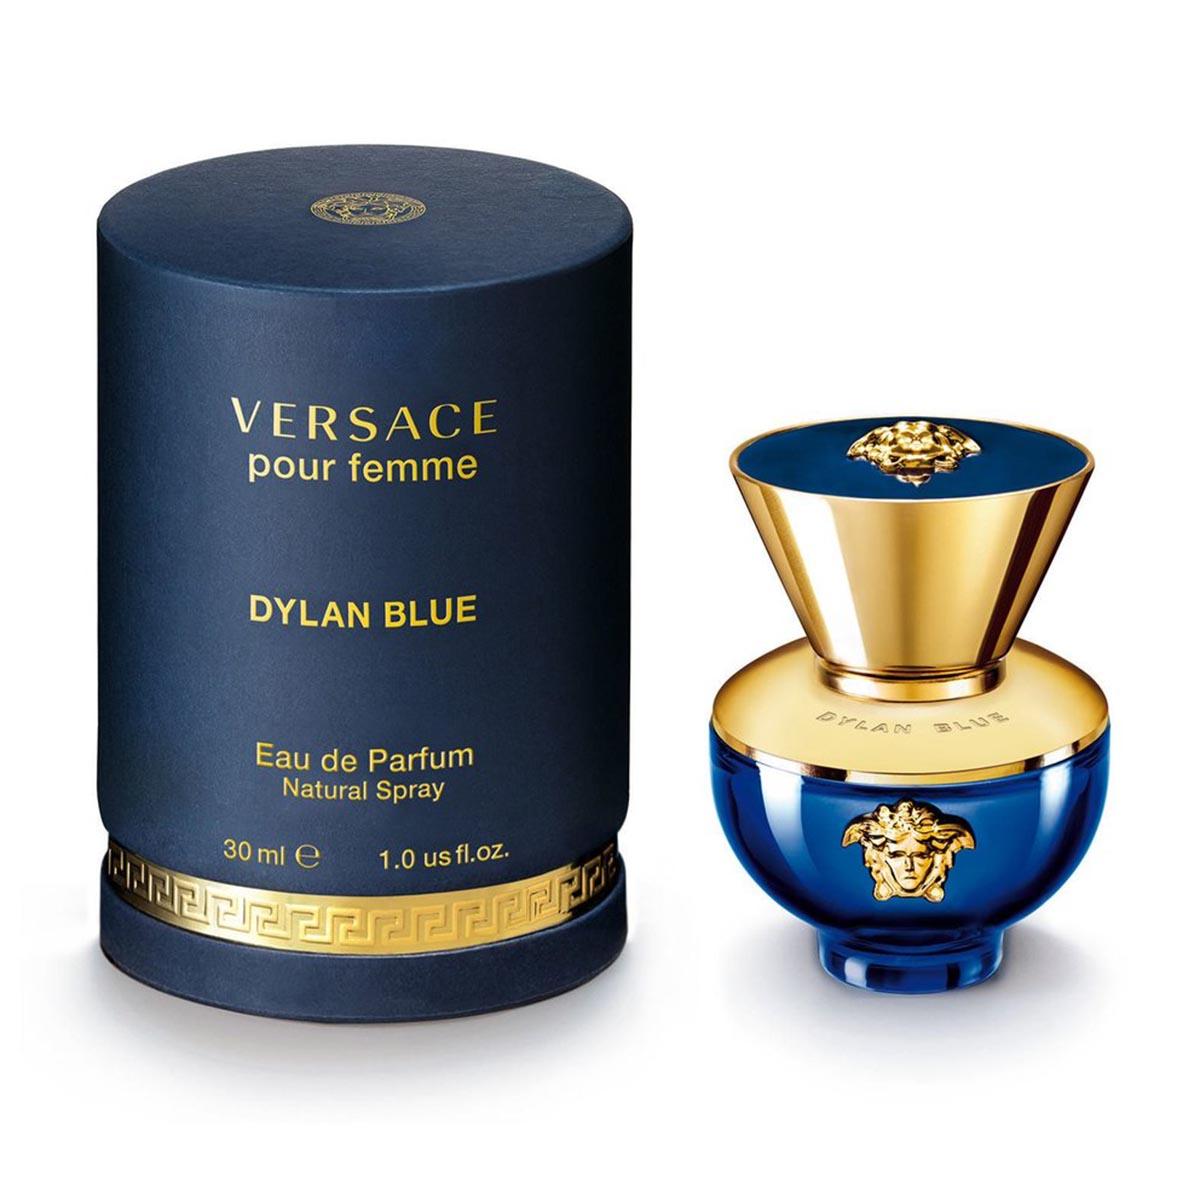 Versace pour femme dylan blue eau de parfum 30ml vaporizador